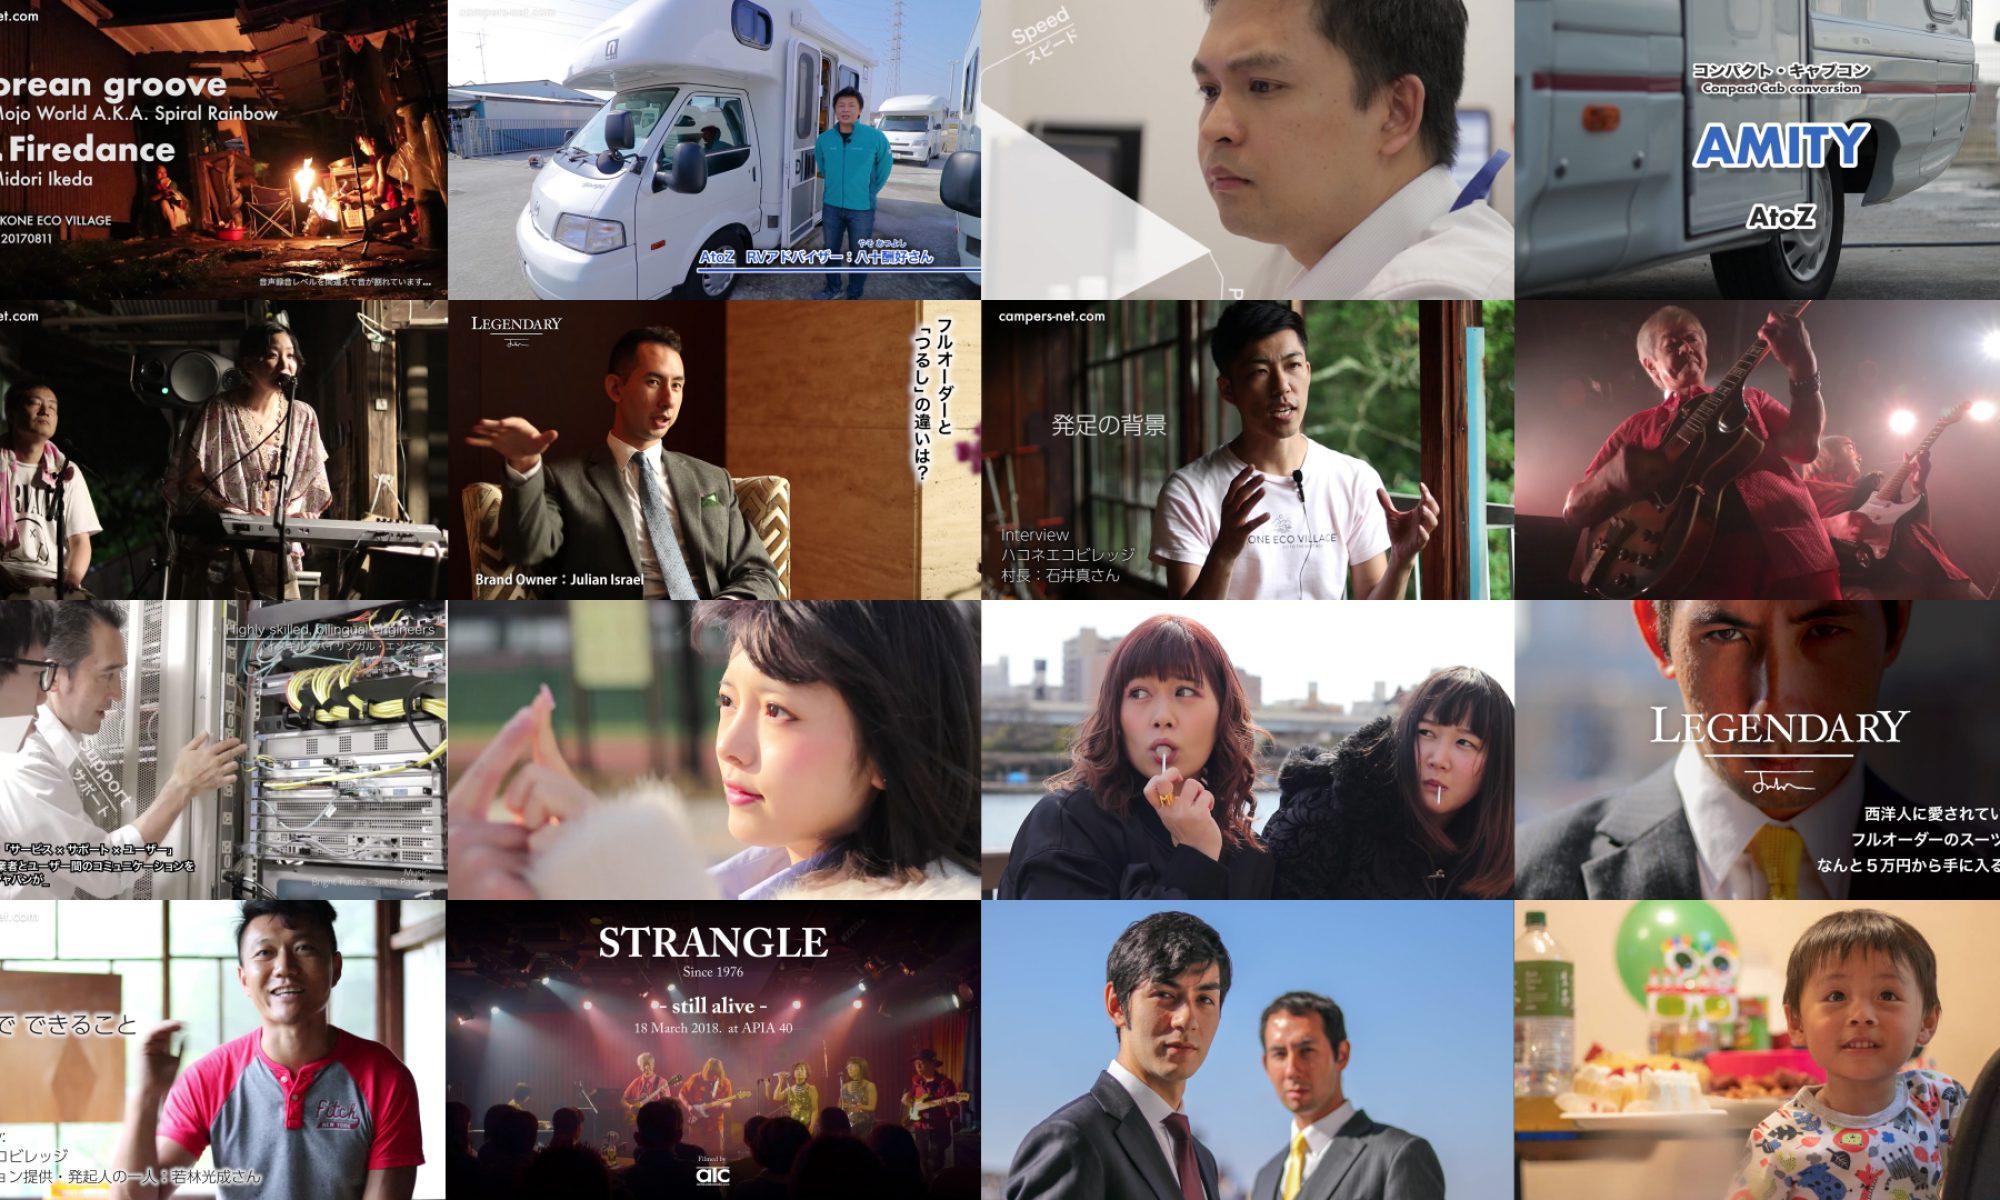 千葉市の動画とホームページ、広告の制作「aTc」